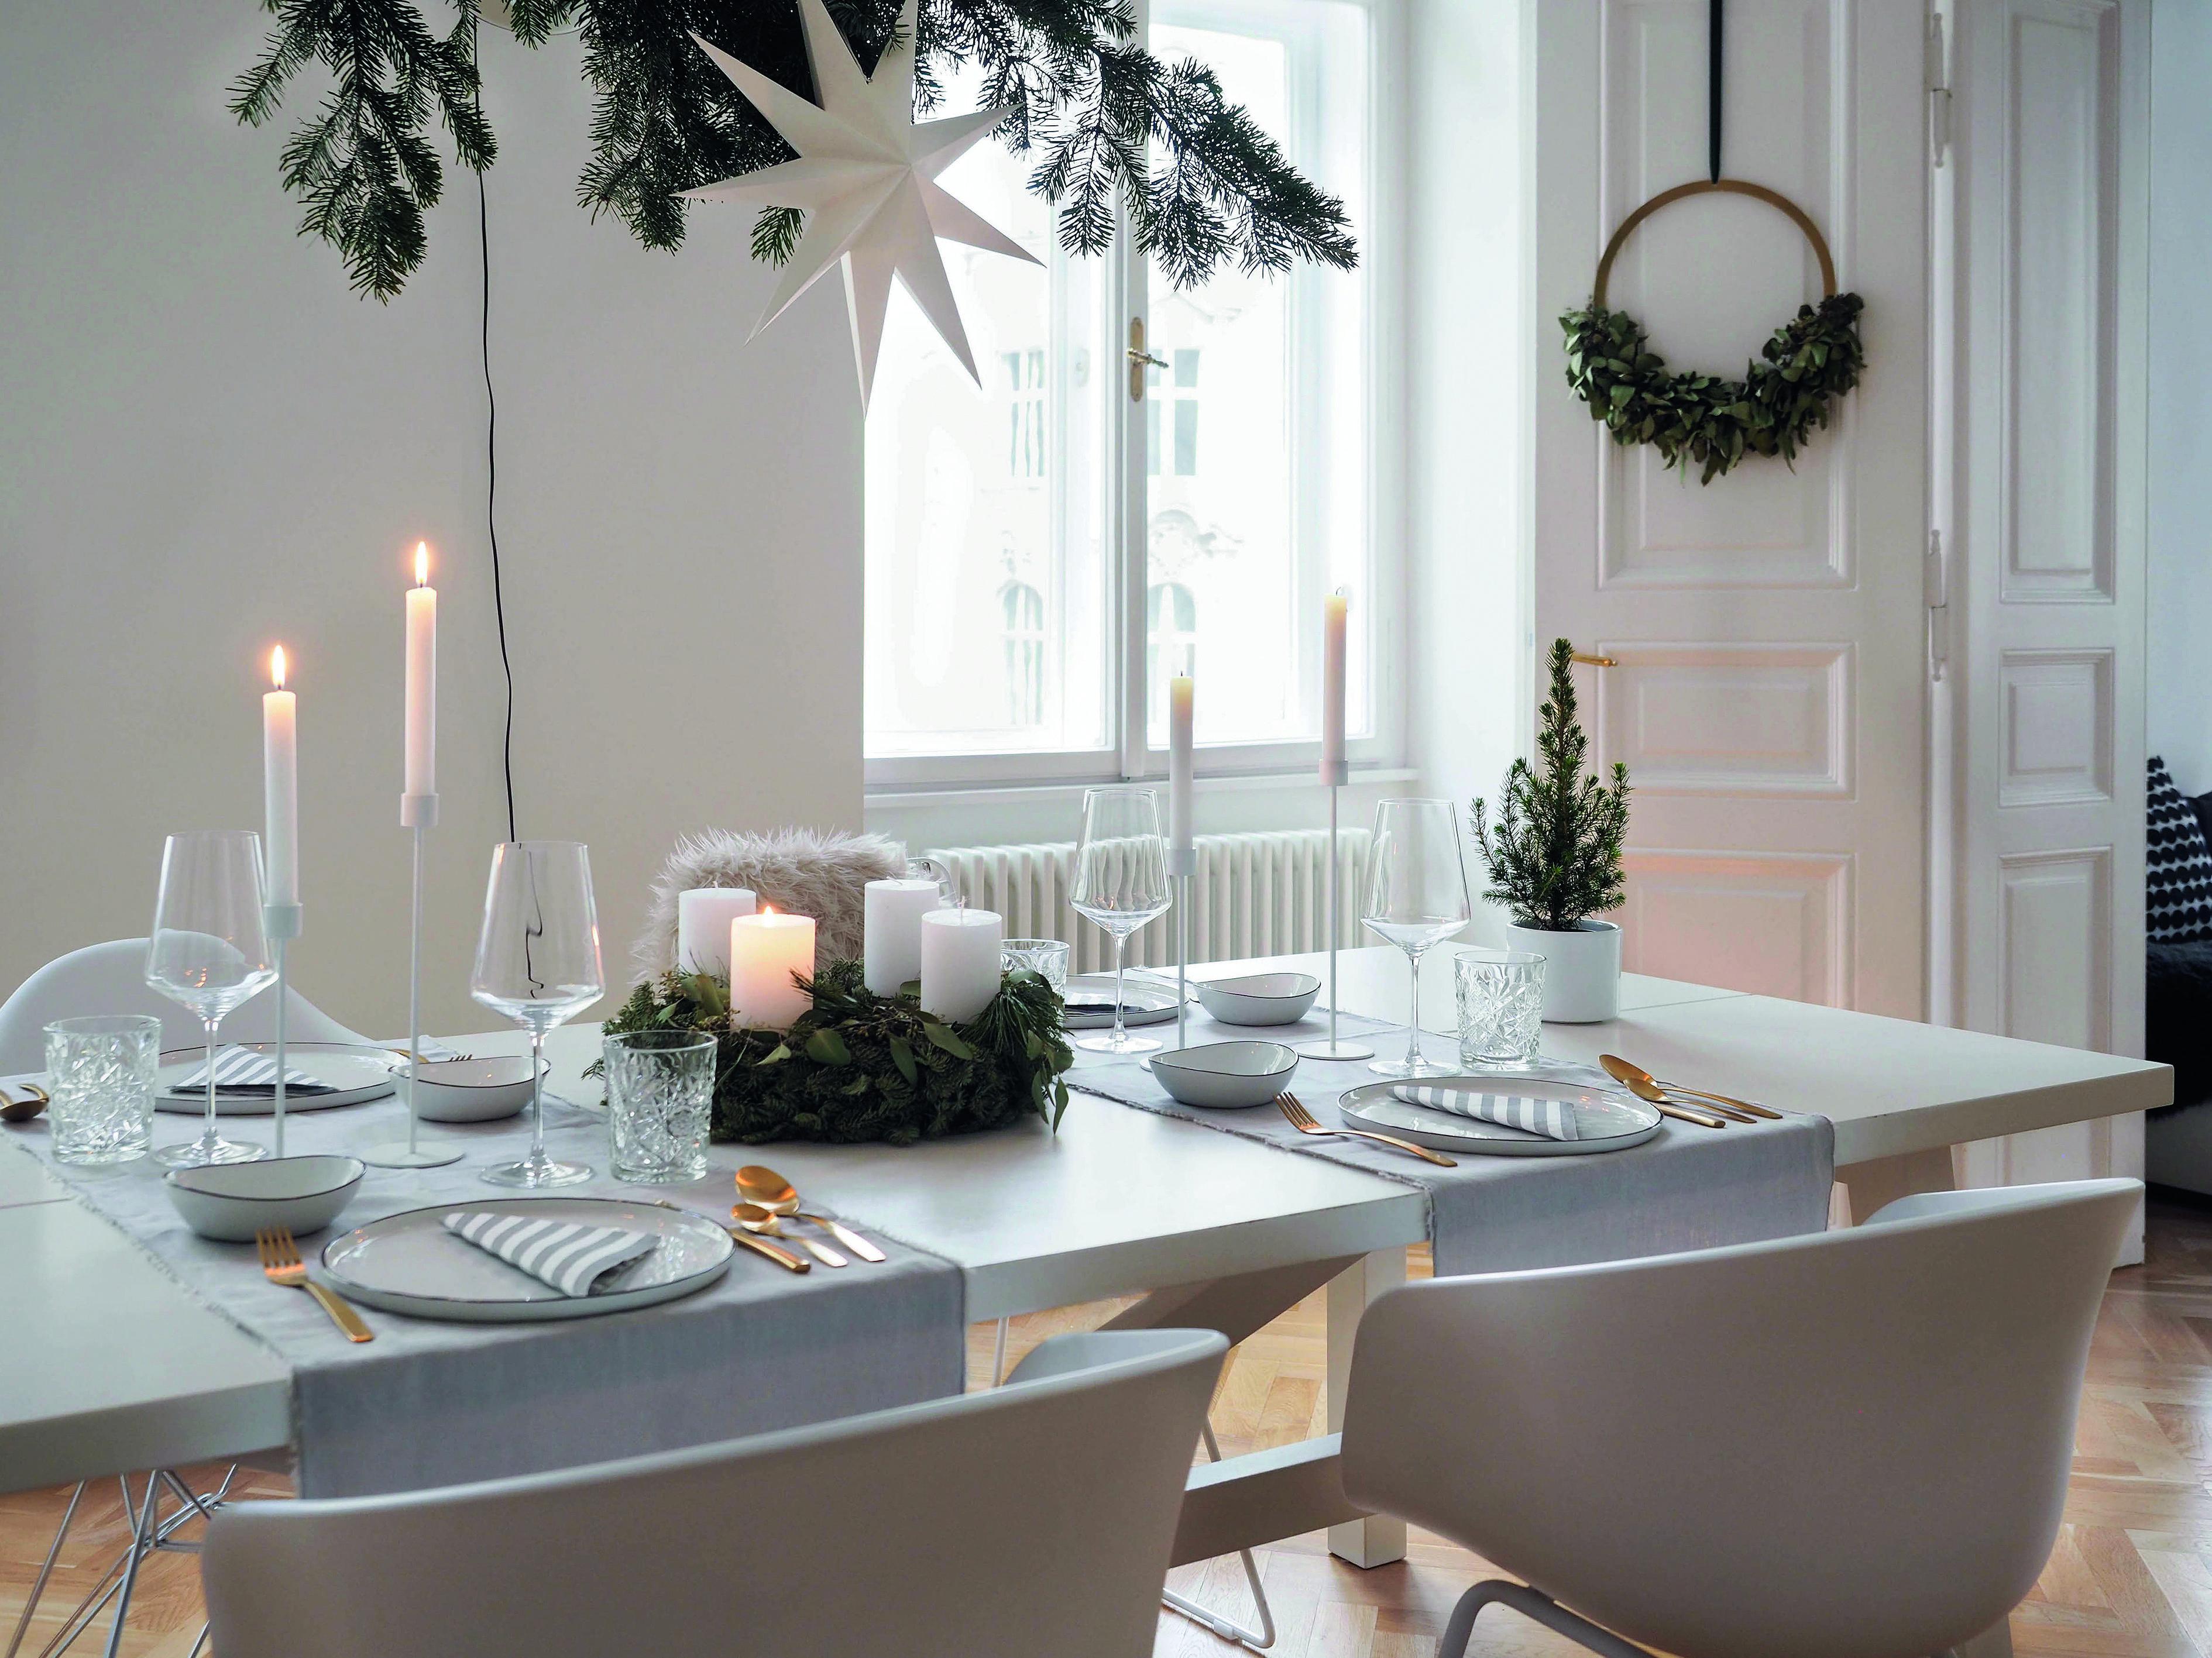 Weihnachtsdeko: Viele Inspirationen und Ideen XMAS TABLE